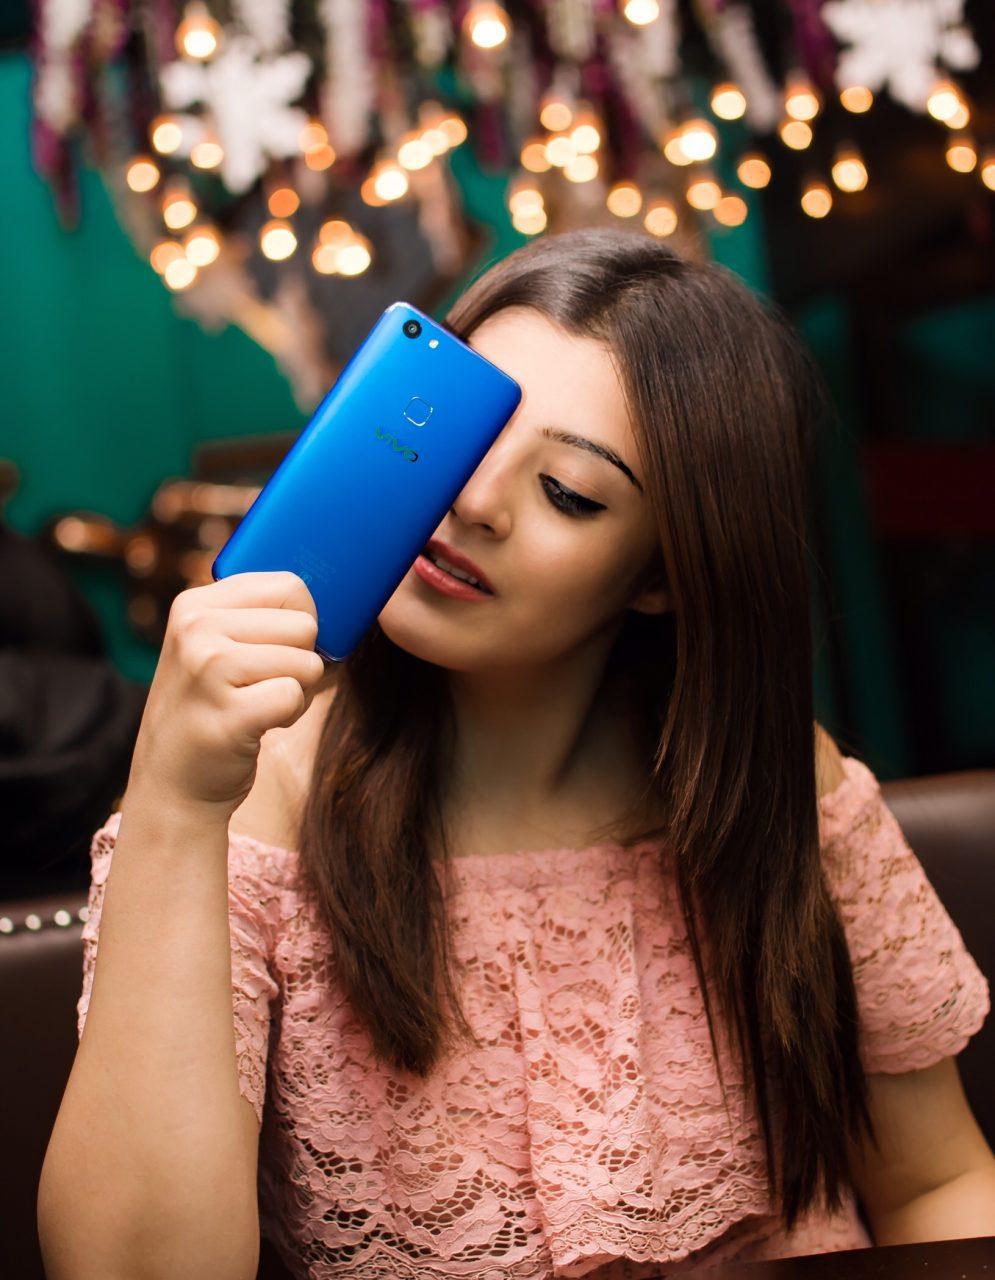 Vivo Phone